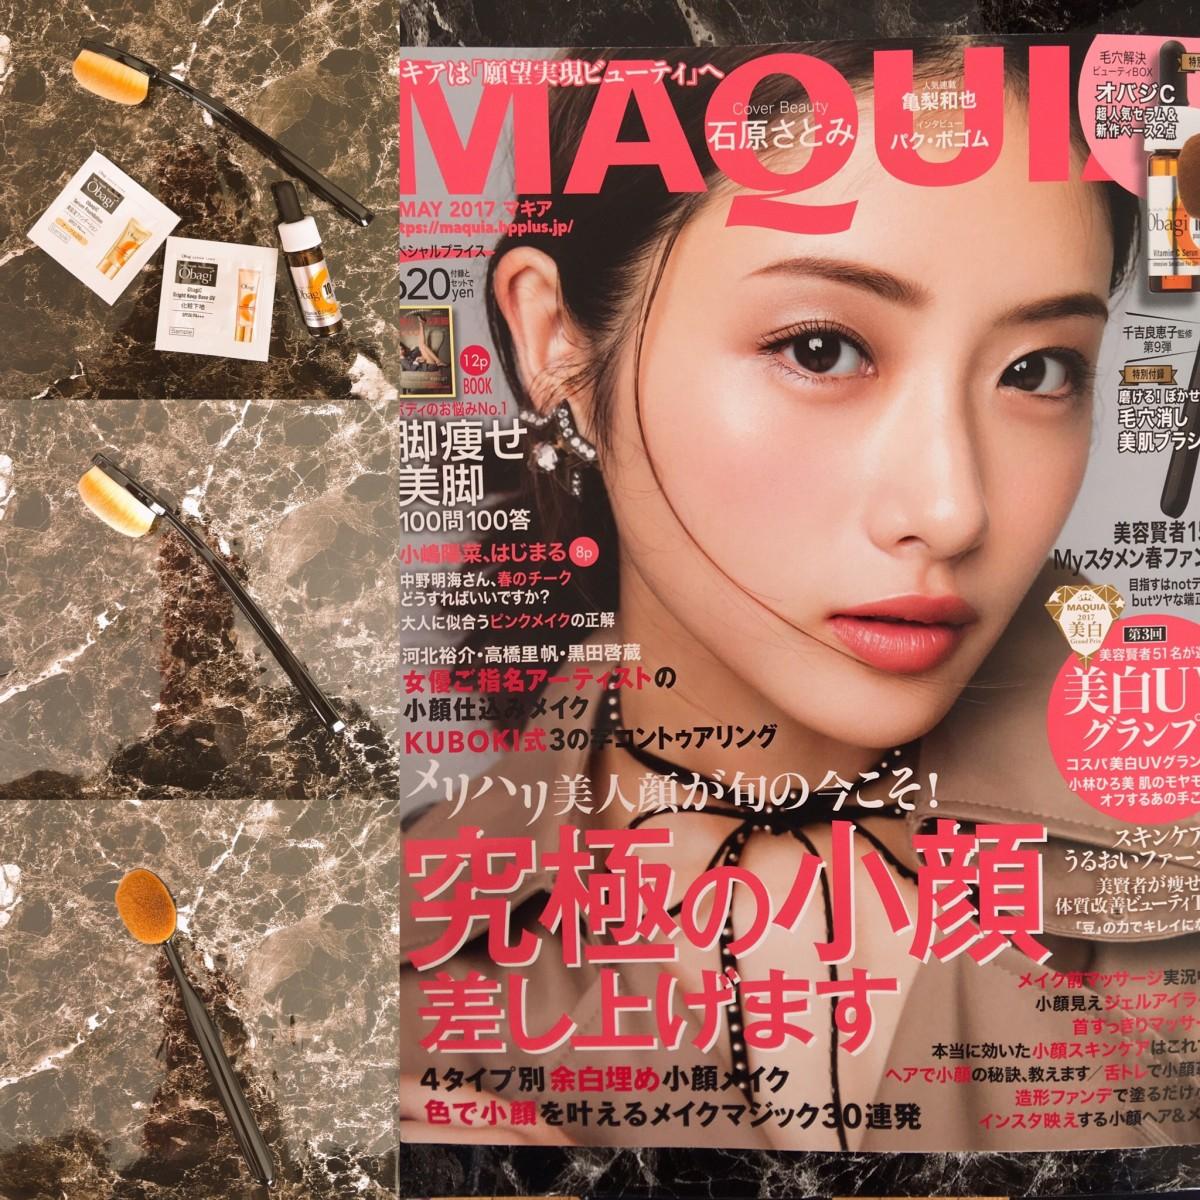 明日全国発売♡マキア5月号は女性の永遠の憧れ小顔特集!付録の毛穴ビューティボックスも豪華!